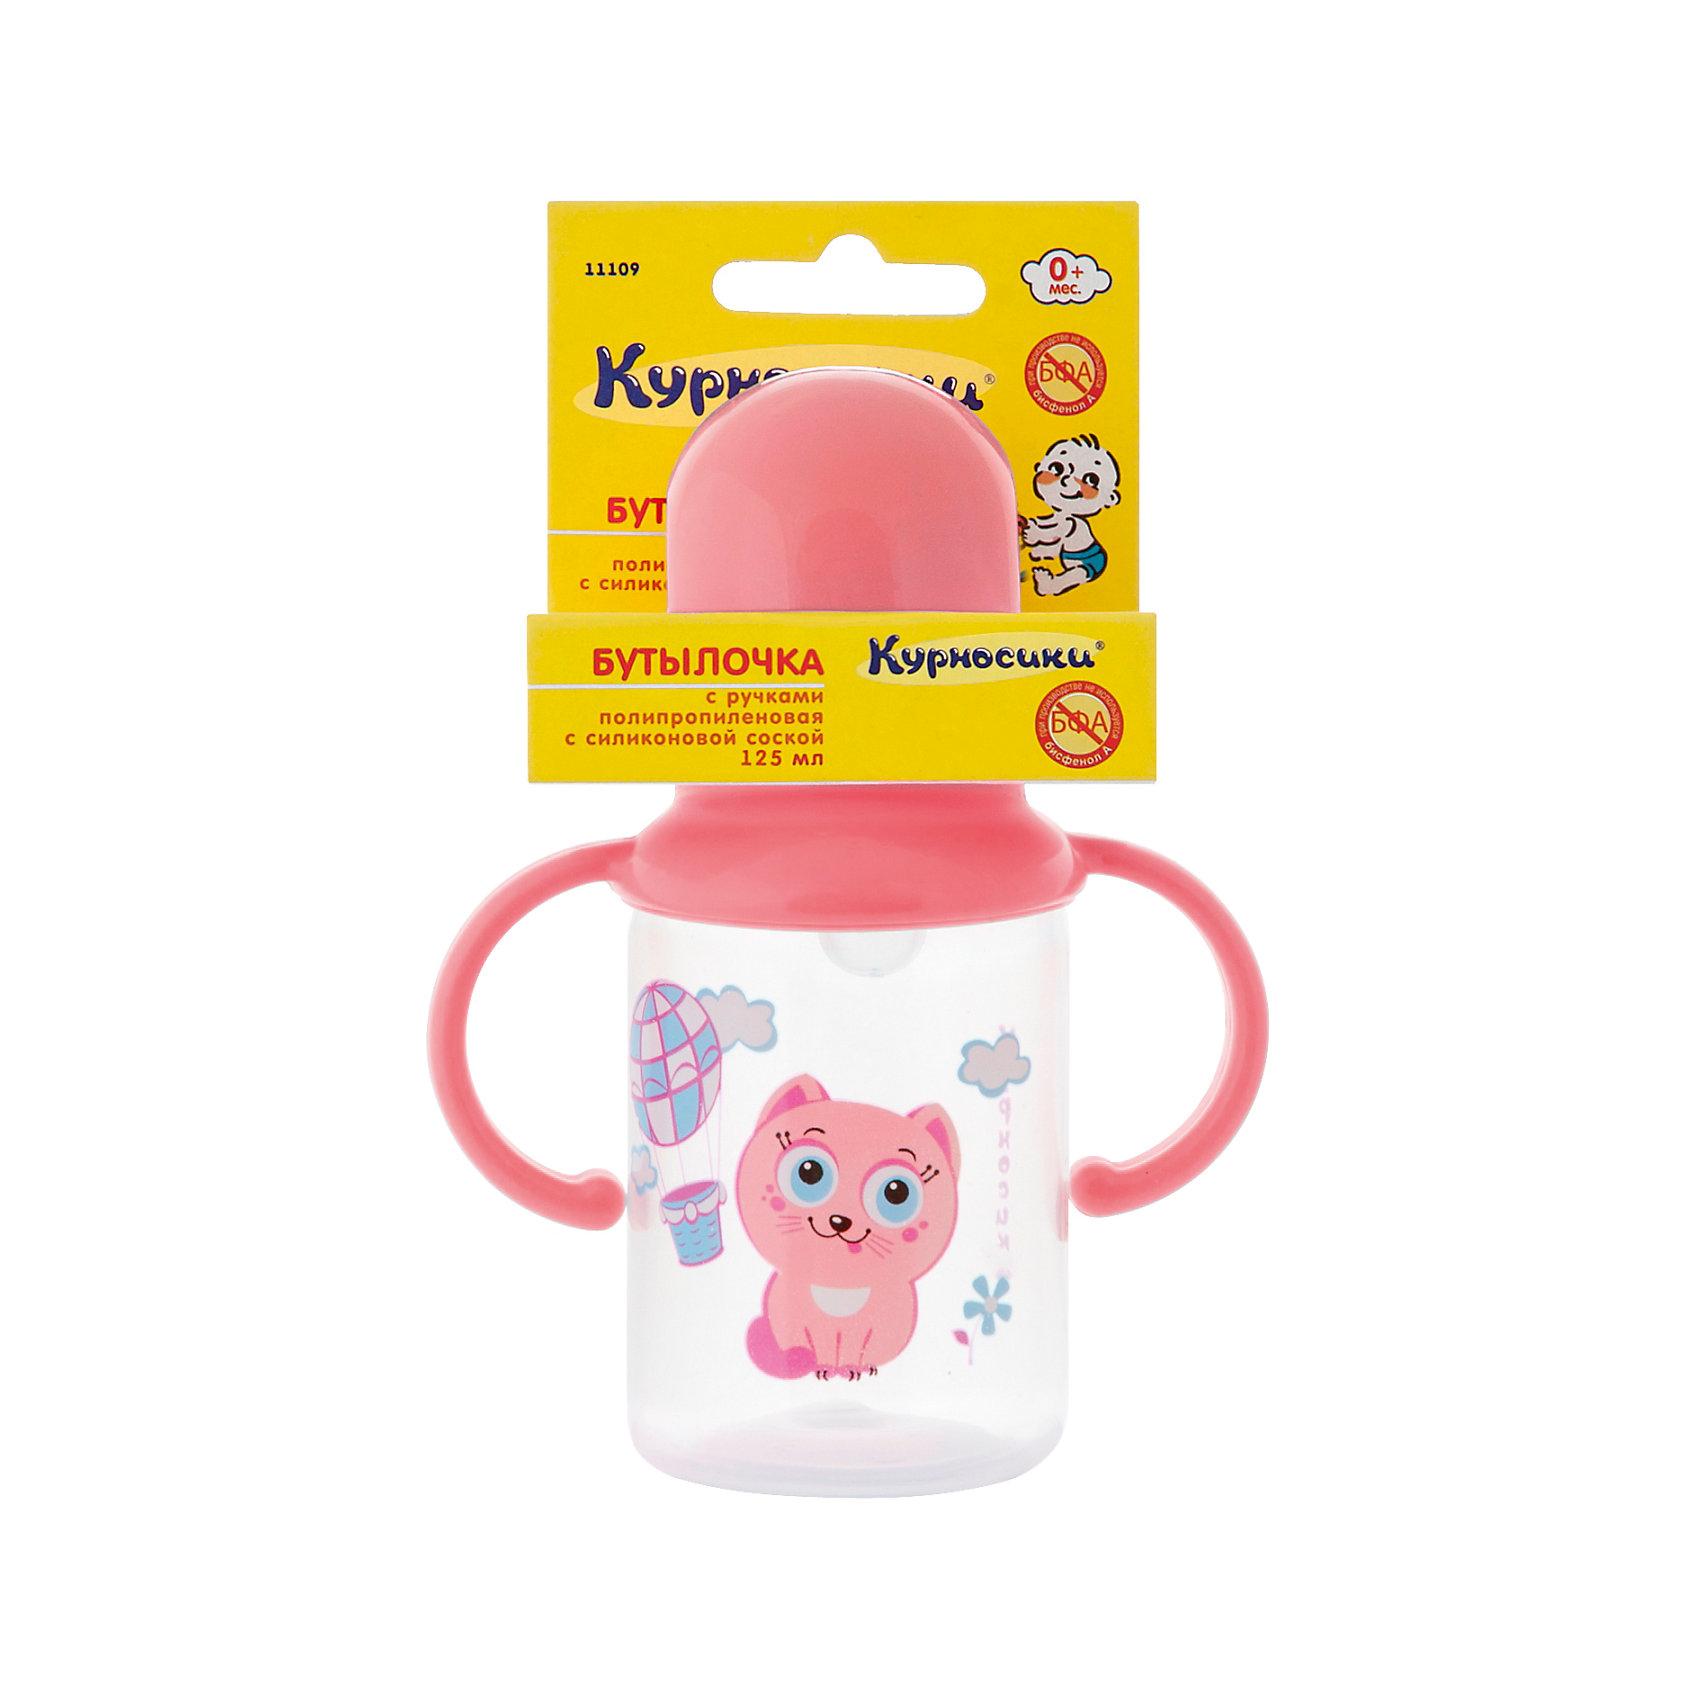 Курносики Бутылочка с ручками и силиконовой соской,125 мл, Kurnosiki, розовый